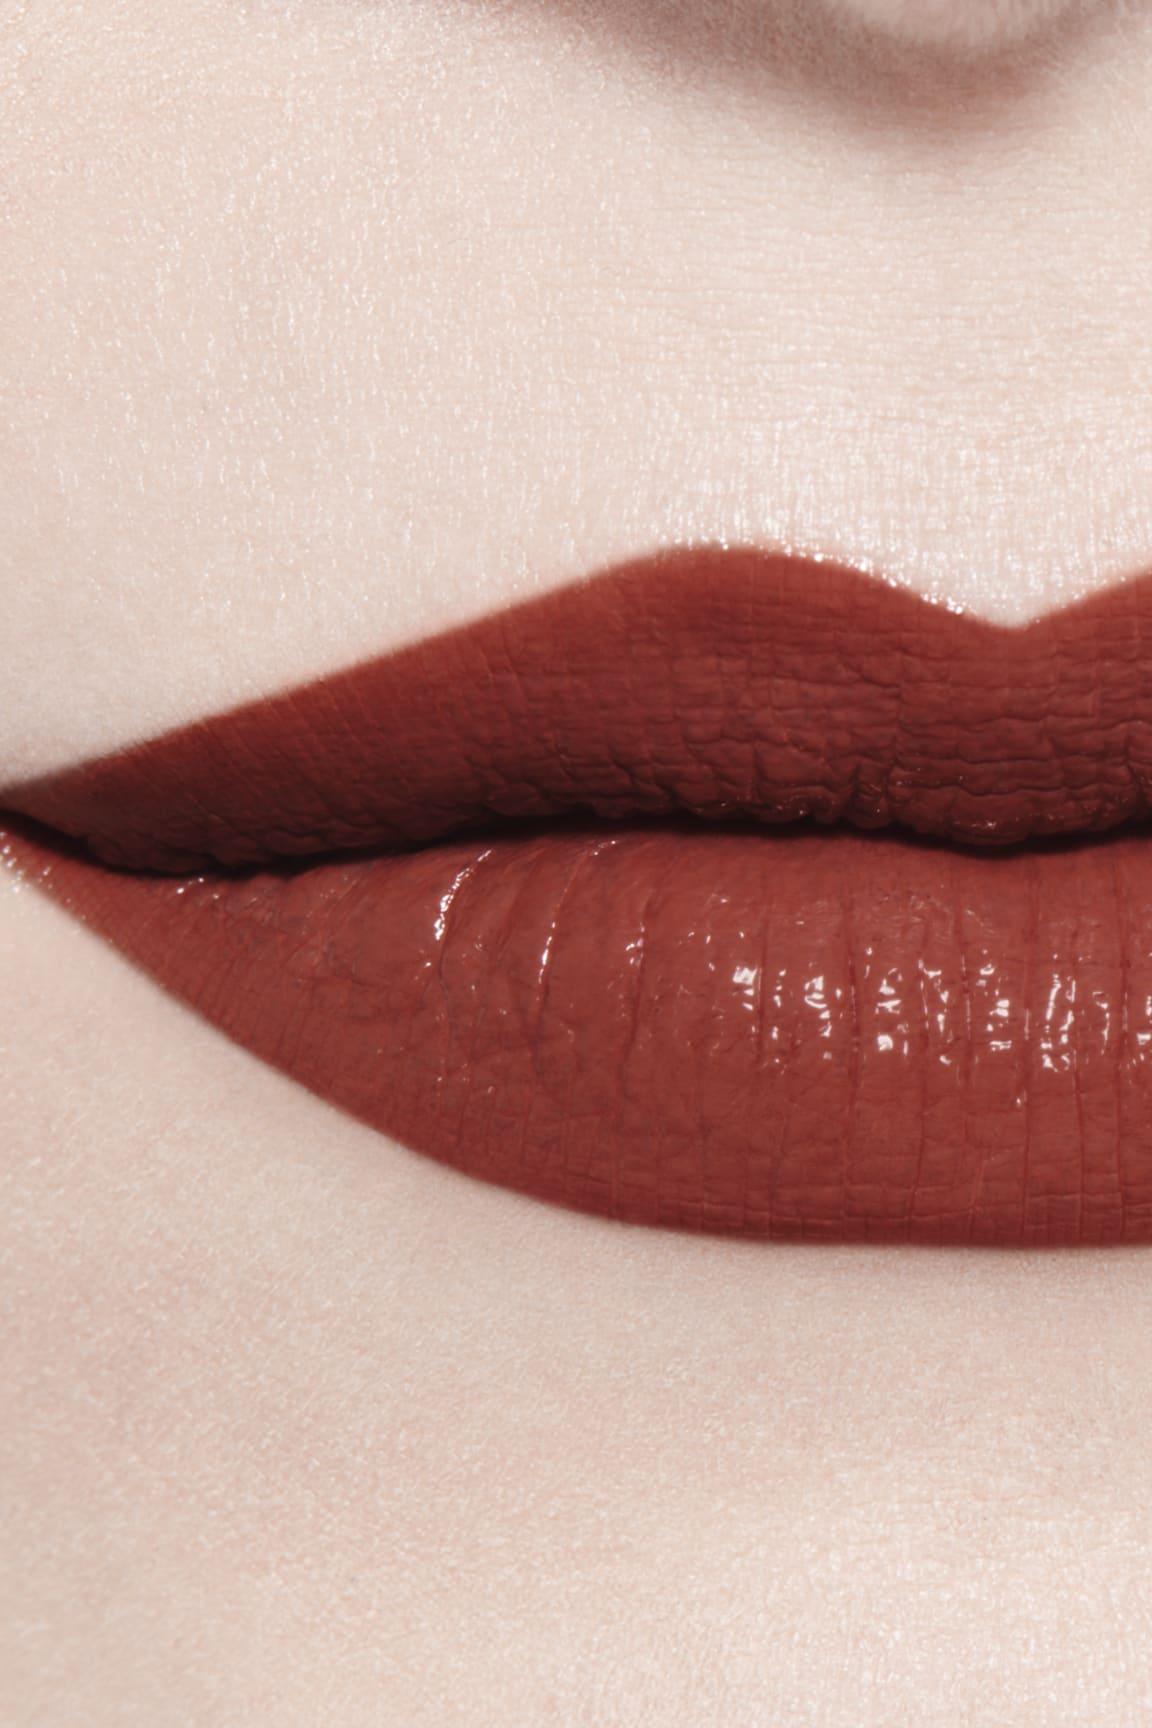 Imagen aplicación de maquillaje 3 - ROUGE ALLURE LAQUE 75 - FIDÉLITÉ